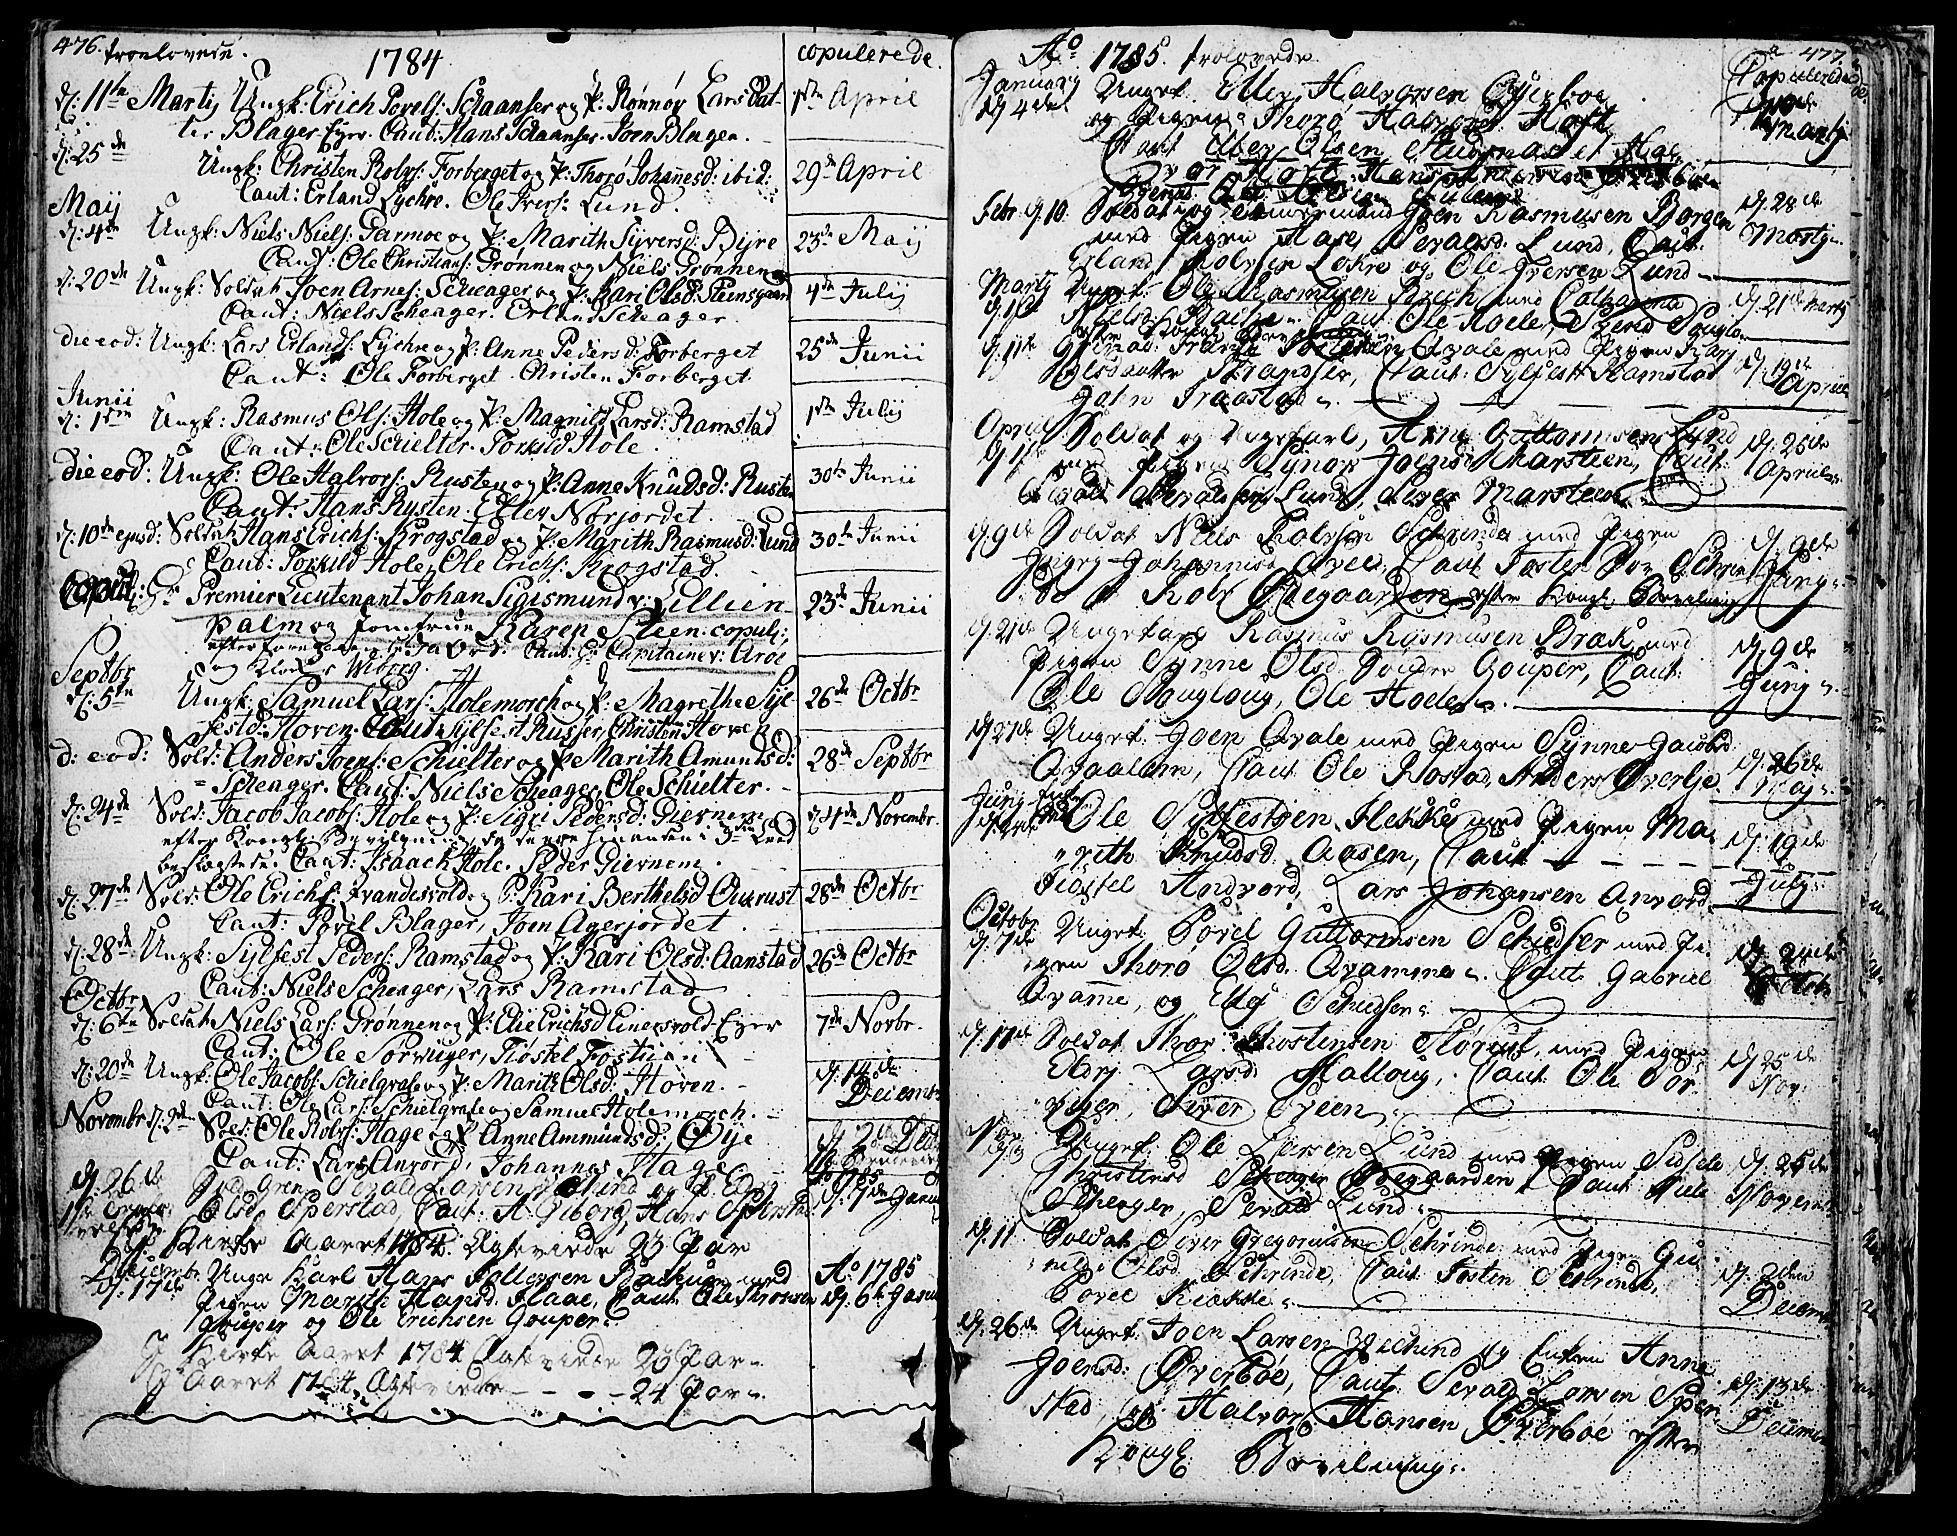 SAH, Lom prestekontor, K/L0002: Ministerialbok nr. 2, 1749-1801, s. 476-477